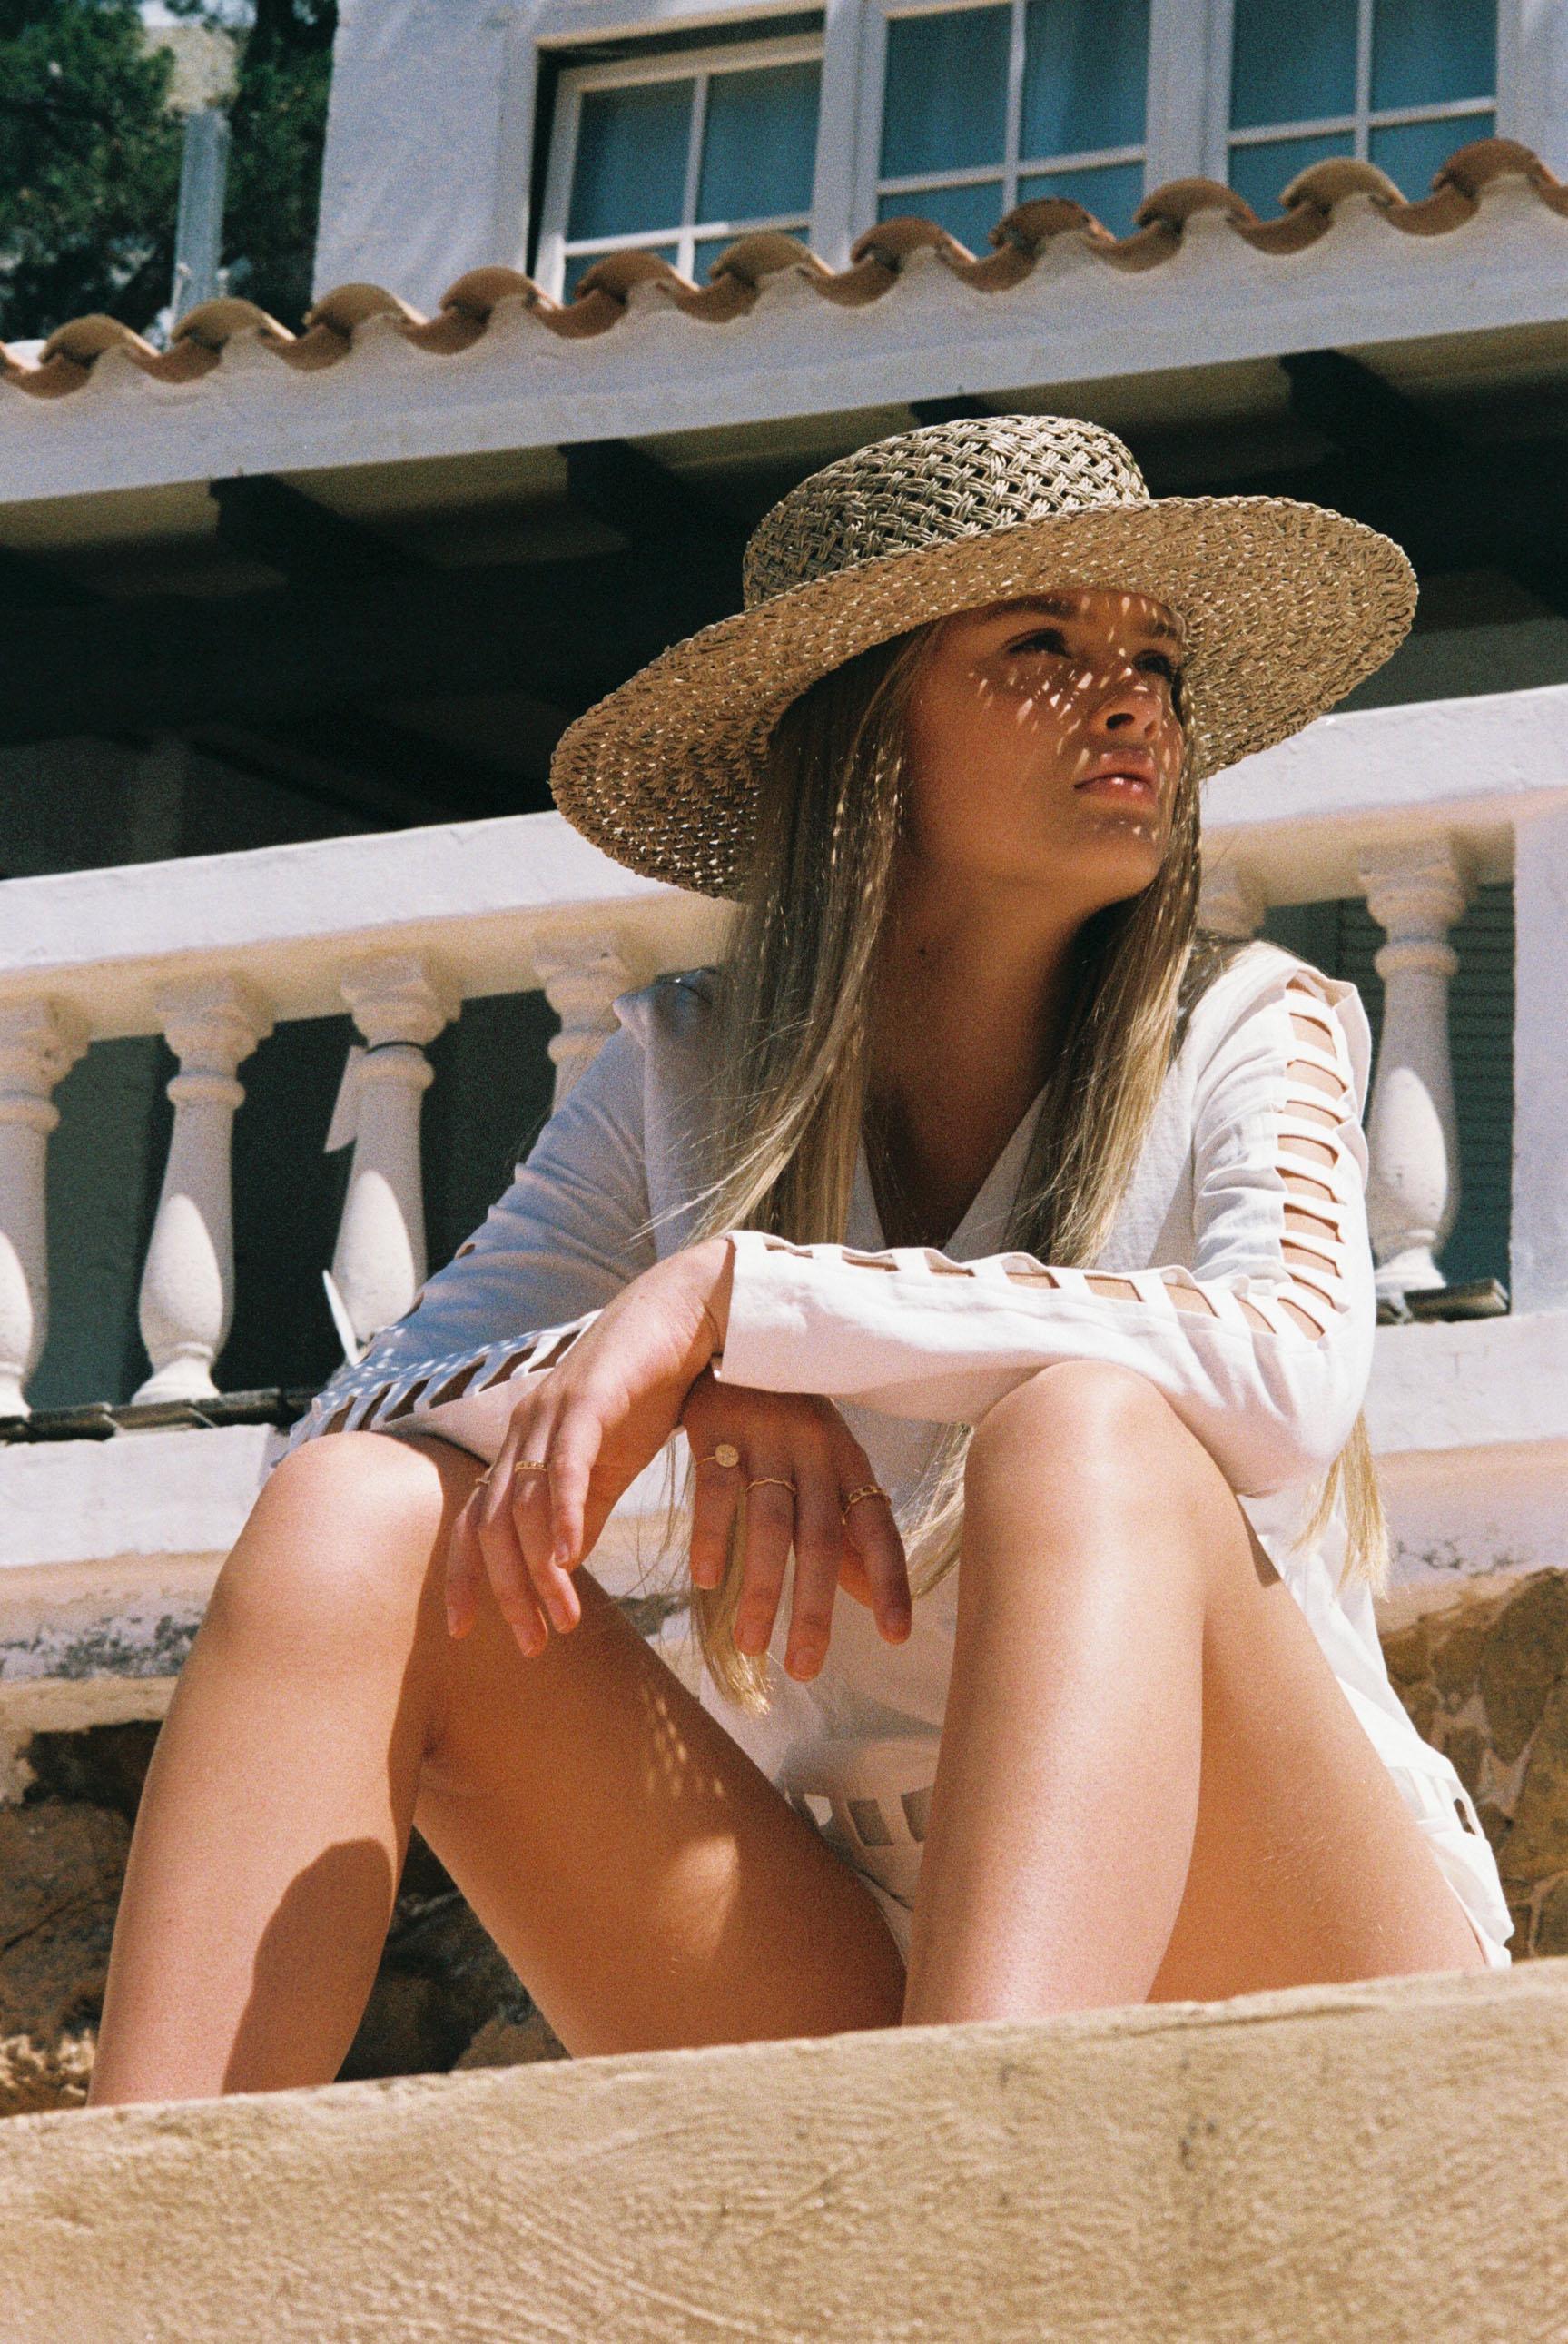 Бритни ван дер Стин в пляжной одежде модного бренда Rada Bryant, весна-лето 2020 / фото 04